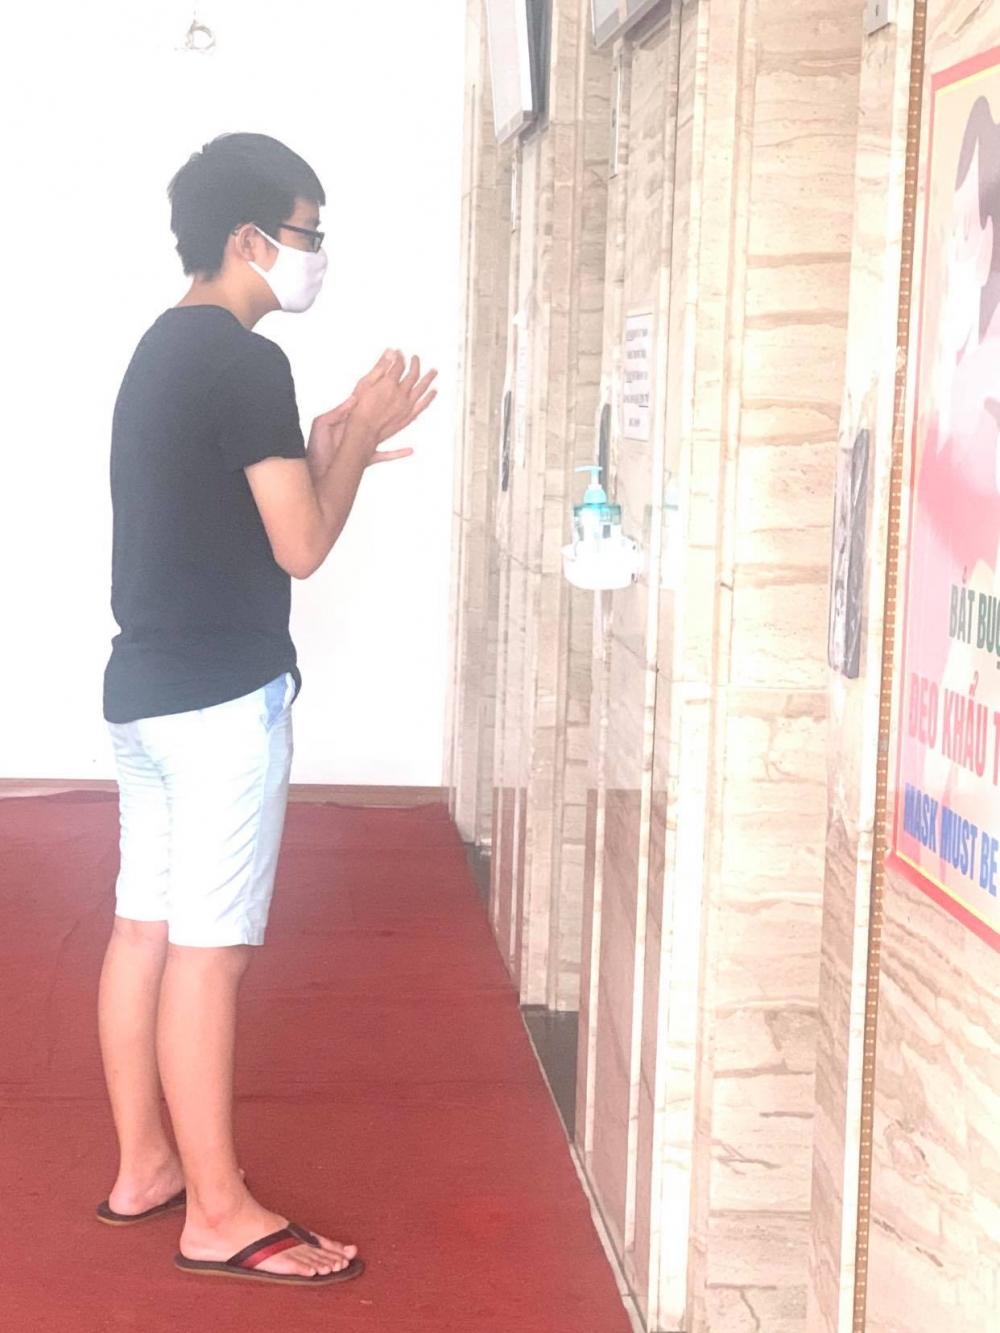 Các khu chung cư ở Hà Nội đẩy mạnh phòng dịch Covid - 19